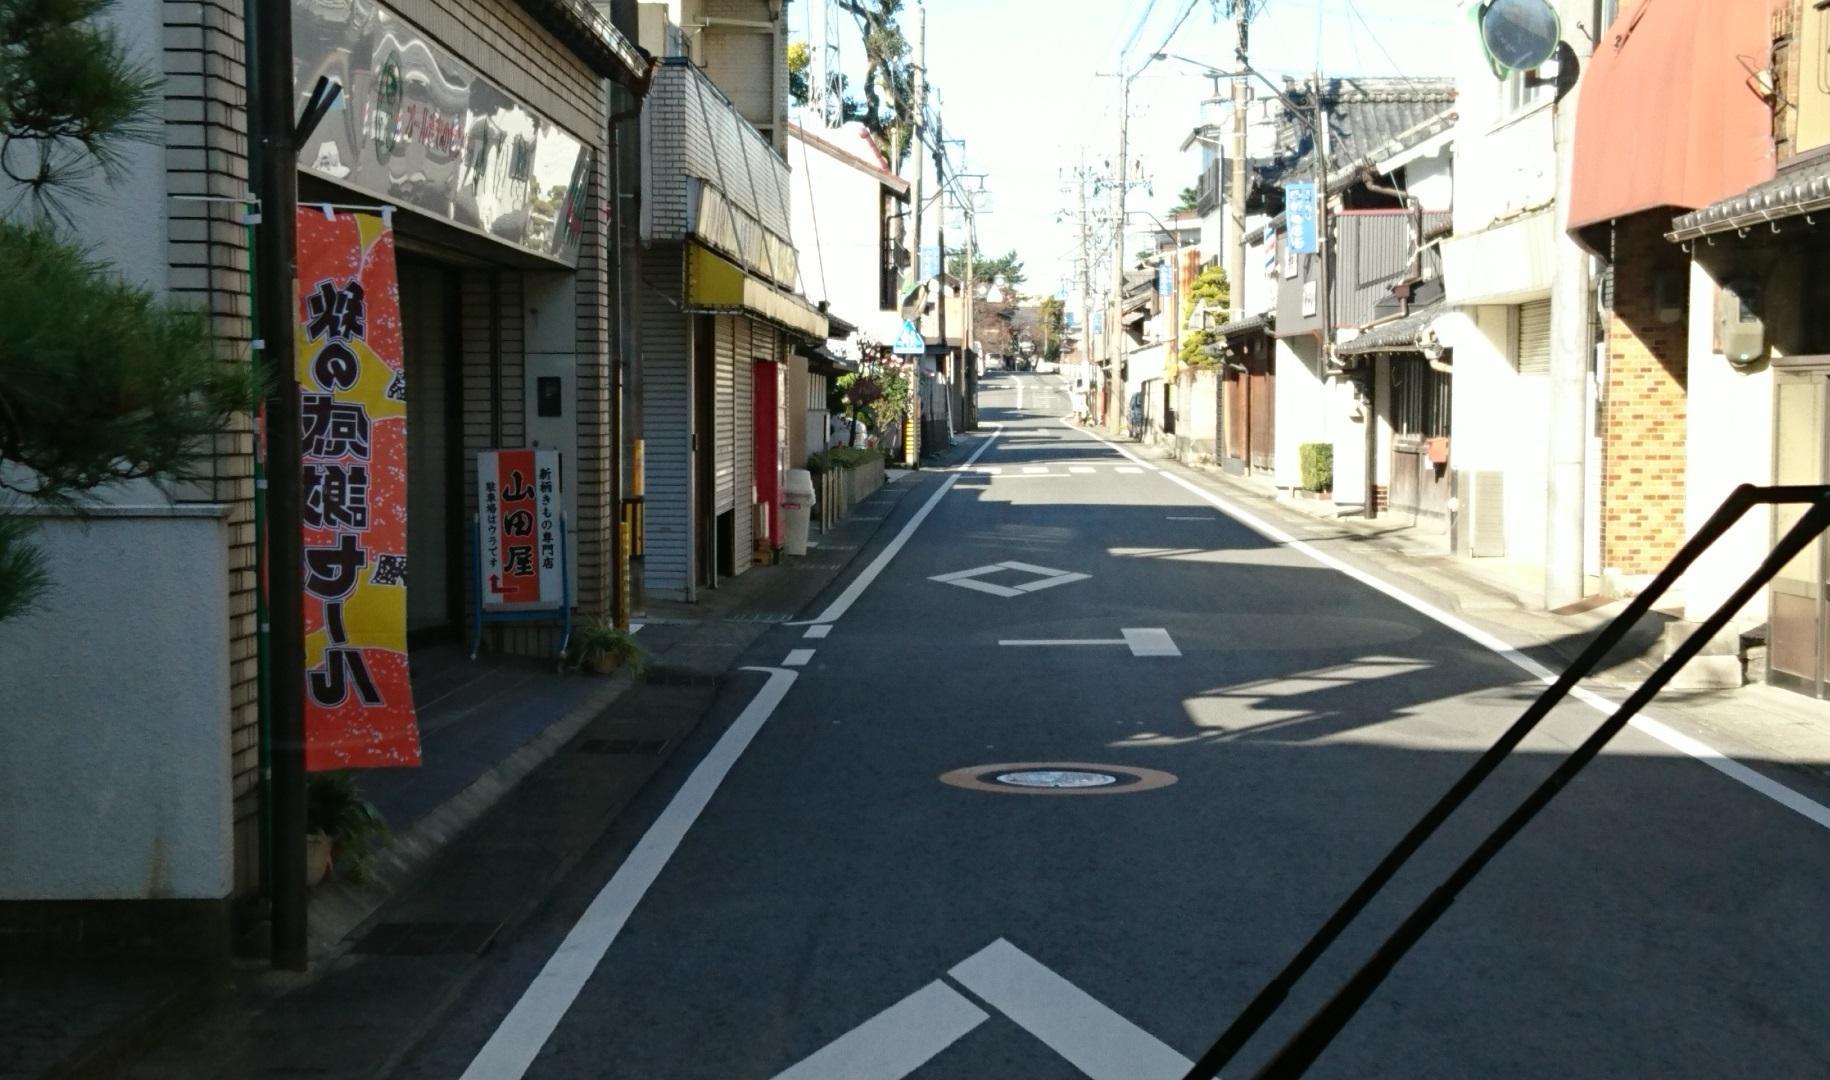 2016.11.16 大垣多良線 (19) 愛宕神社前 1830-1080